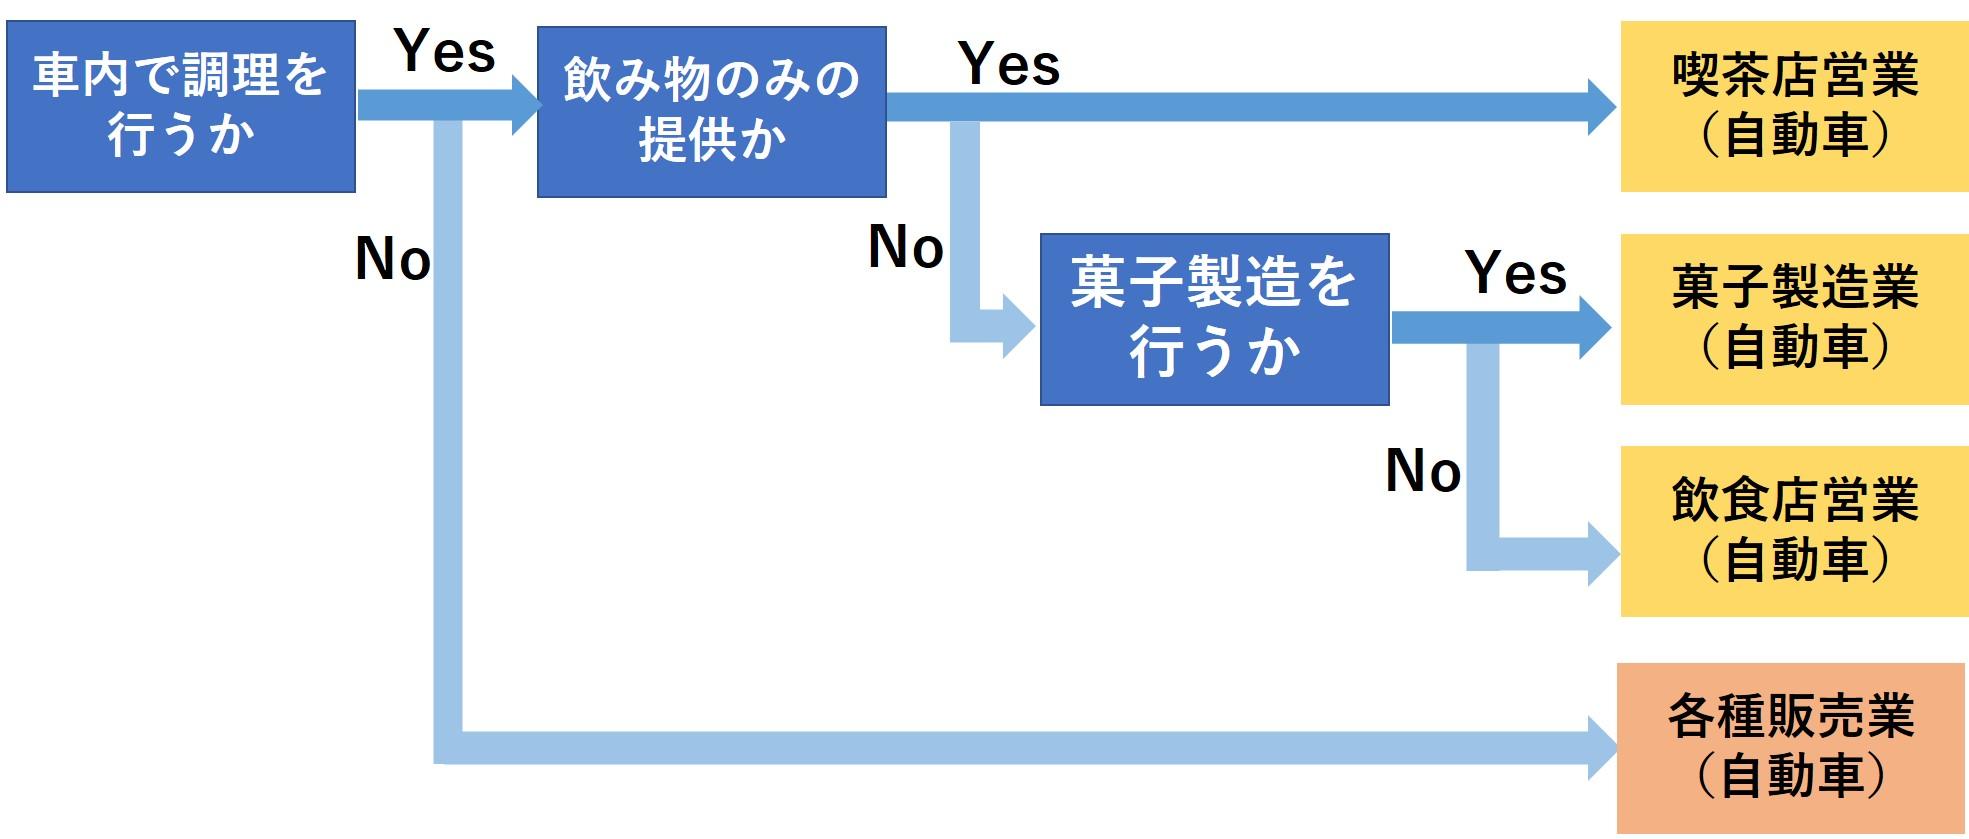 キッチンカー営業許可の分類フローチャート